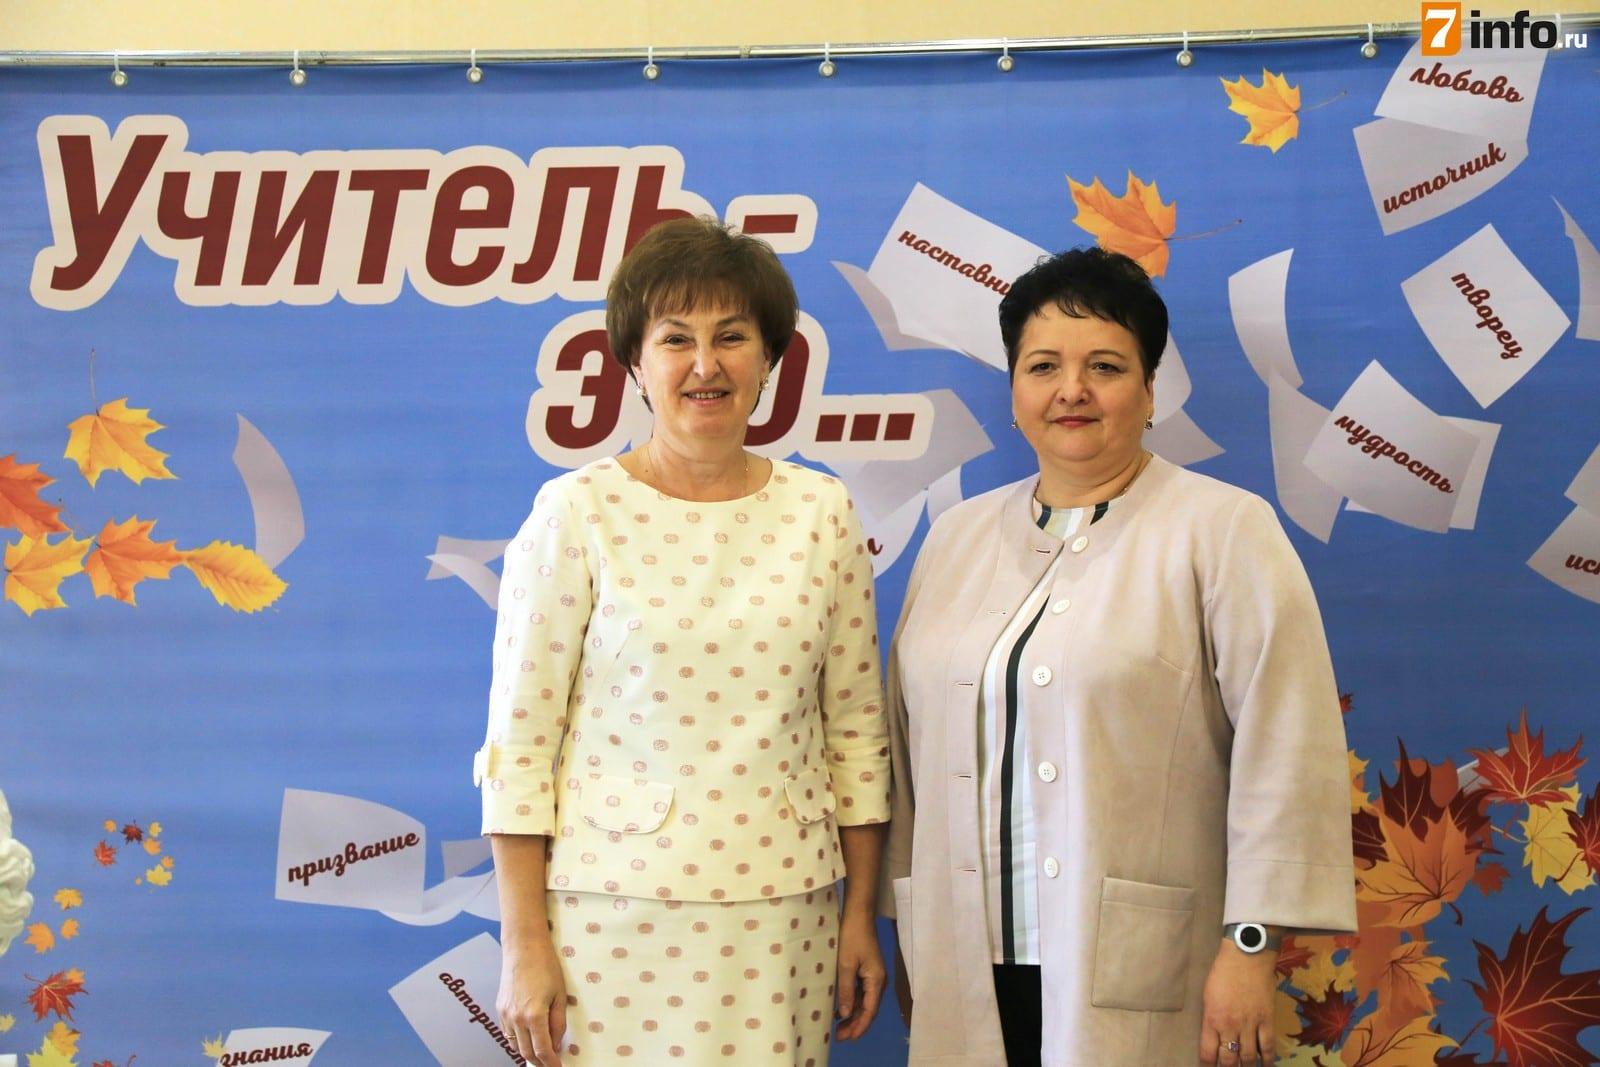 Елена Митина поздравила педагогов и участников конкурса «Учитель года России-2020» с профессиональным праздником